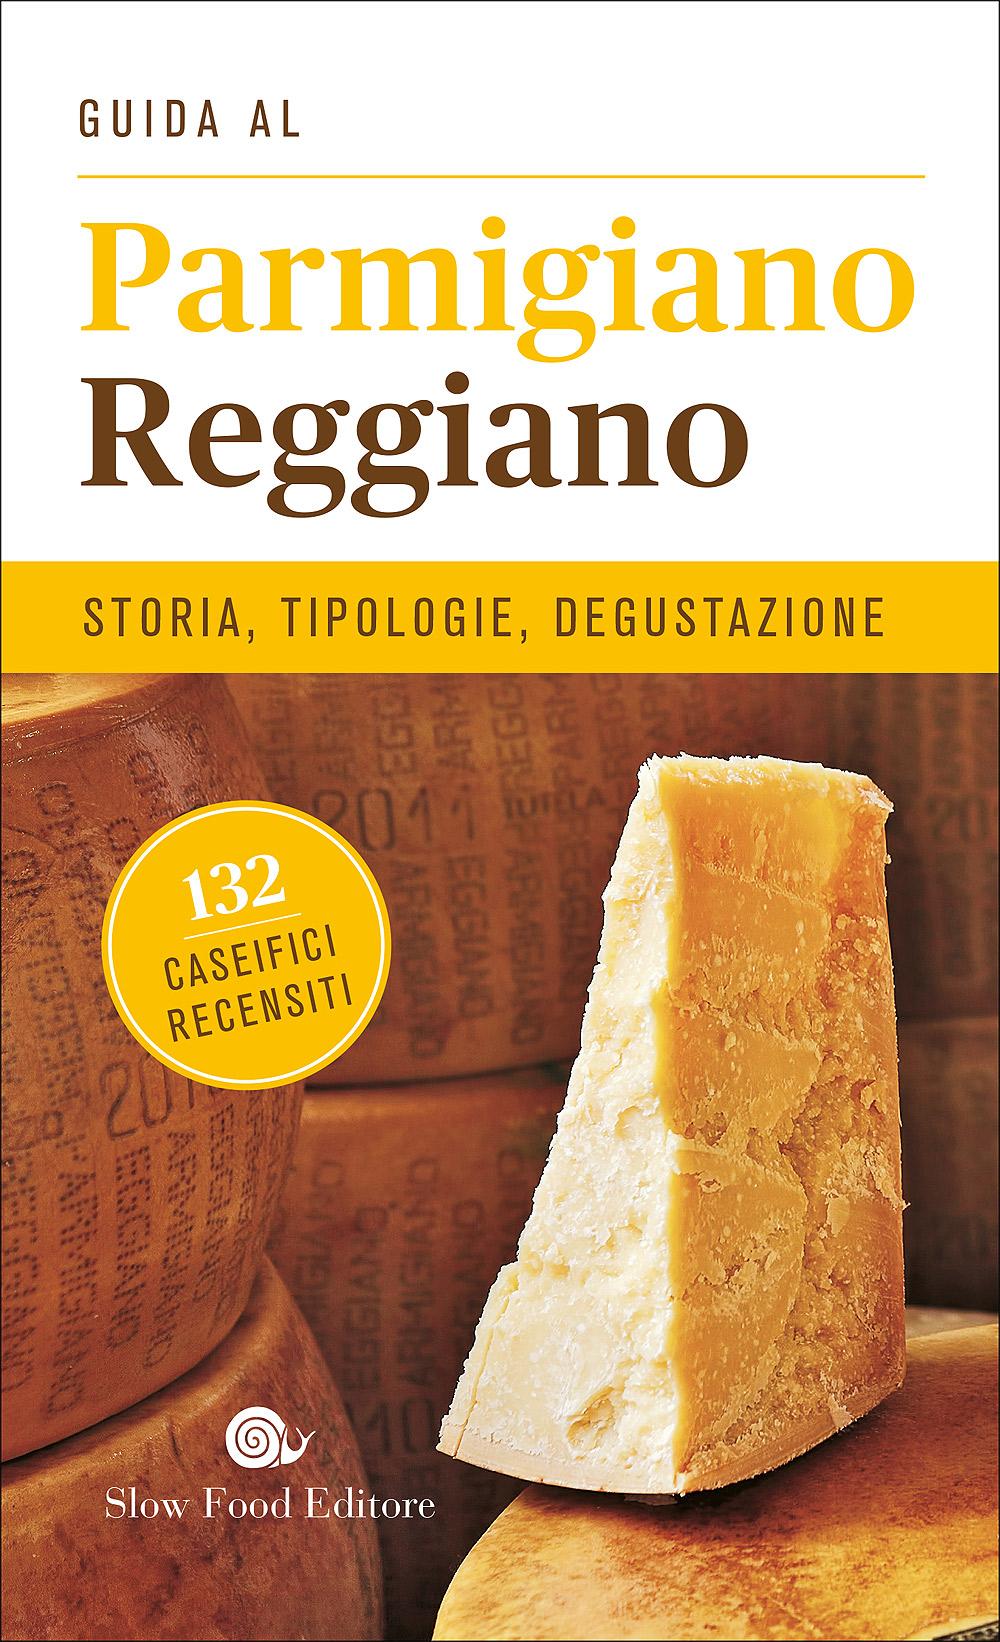 Guida al Parmigiano Reggiano